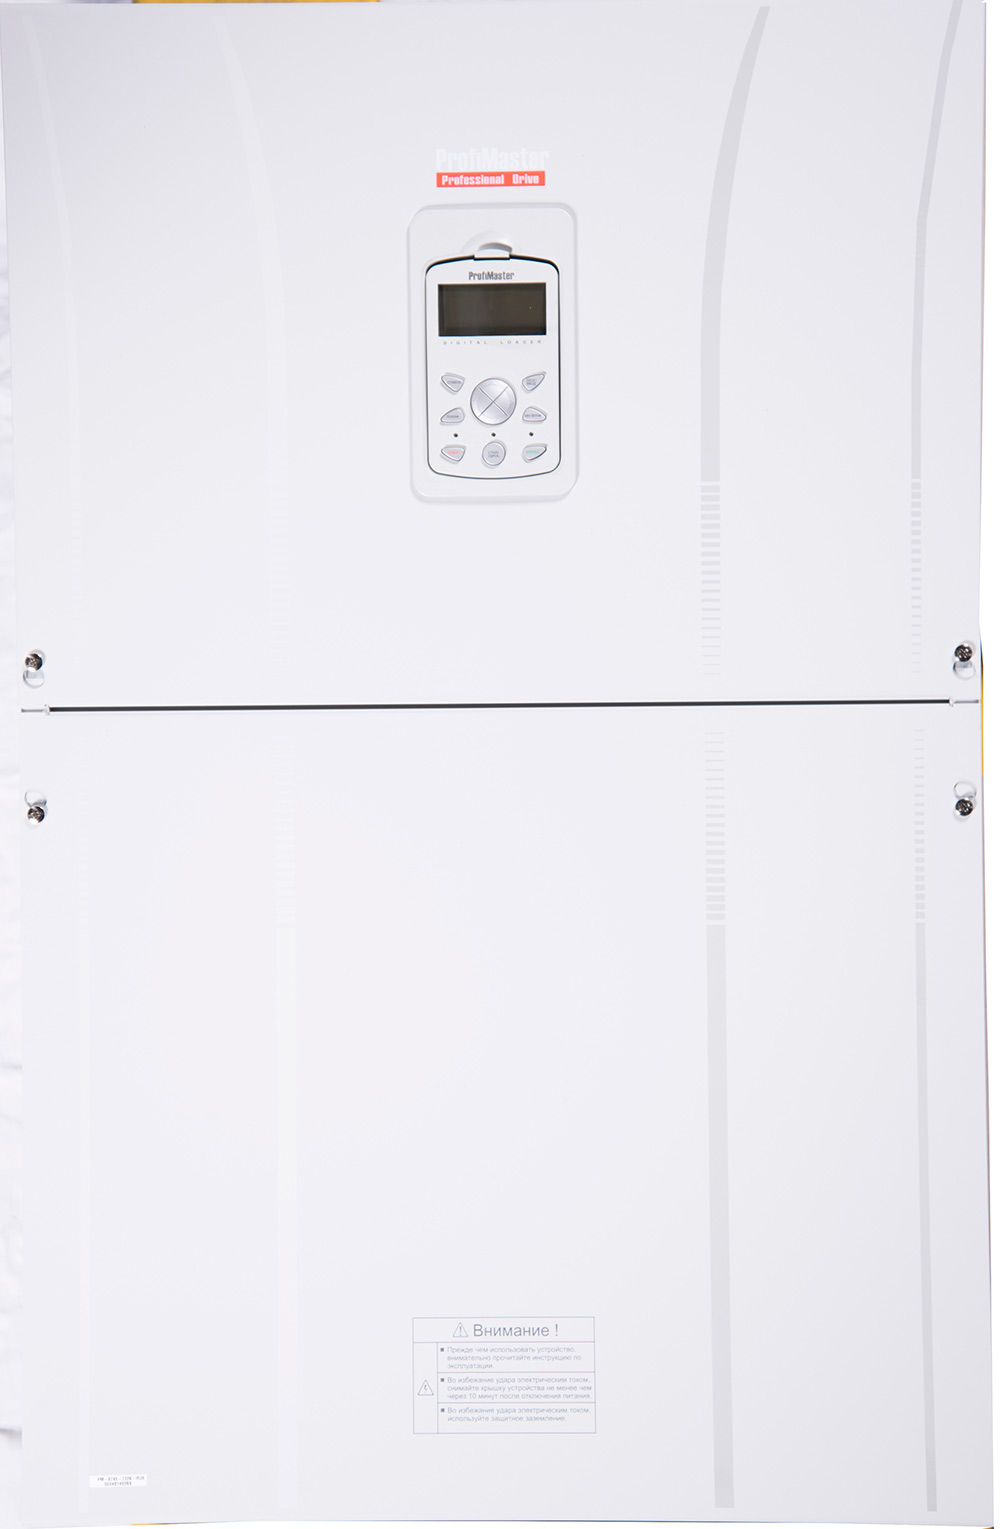 Преобразователь частоты PM-S740-185K-RUS (185 кВт)